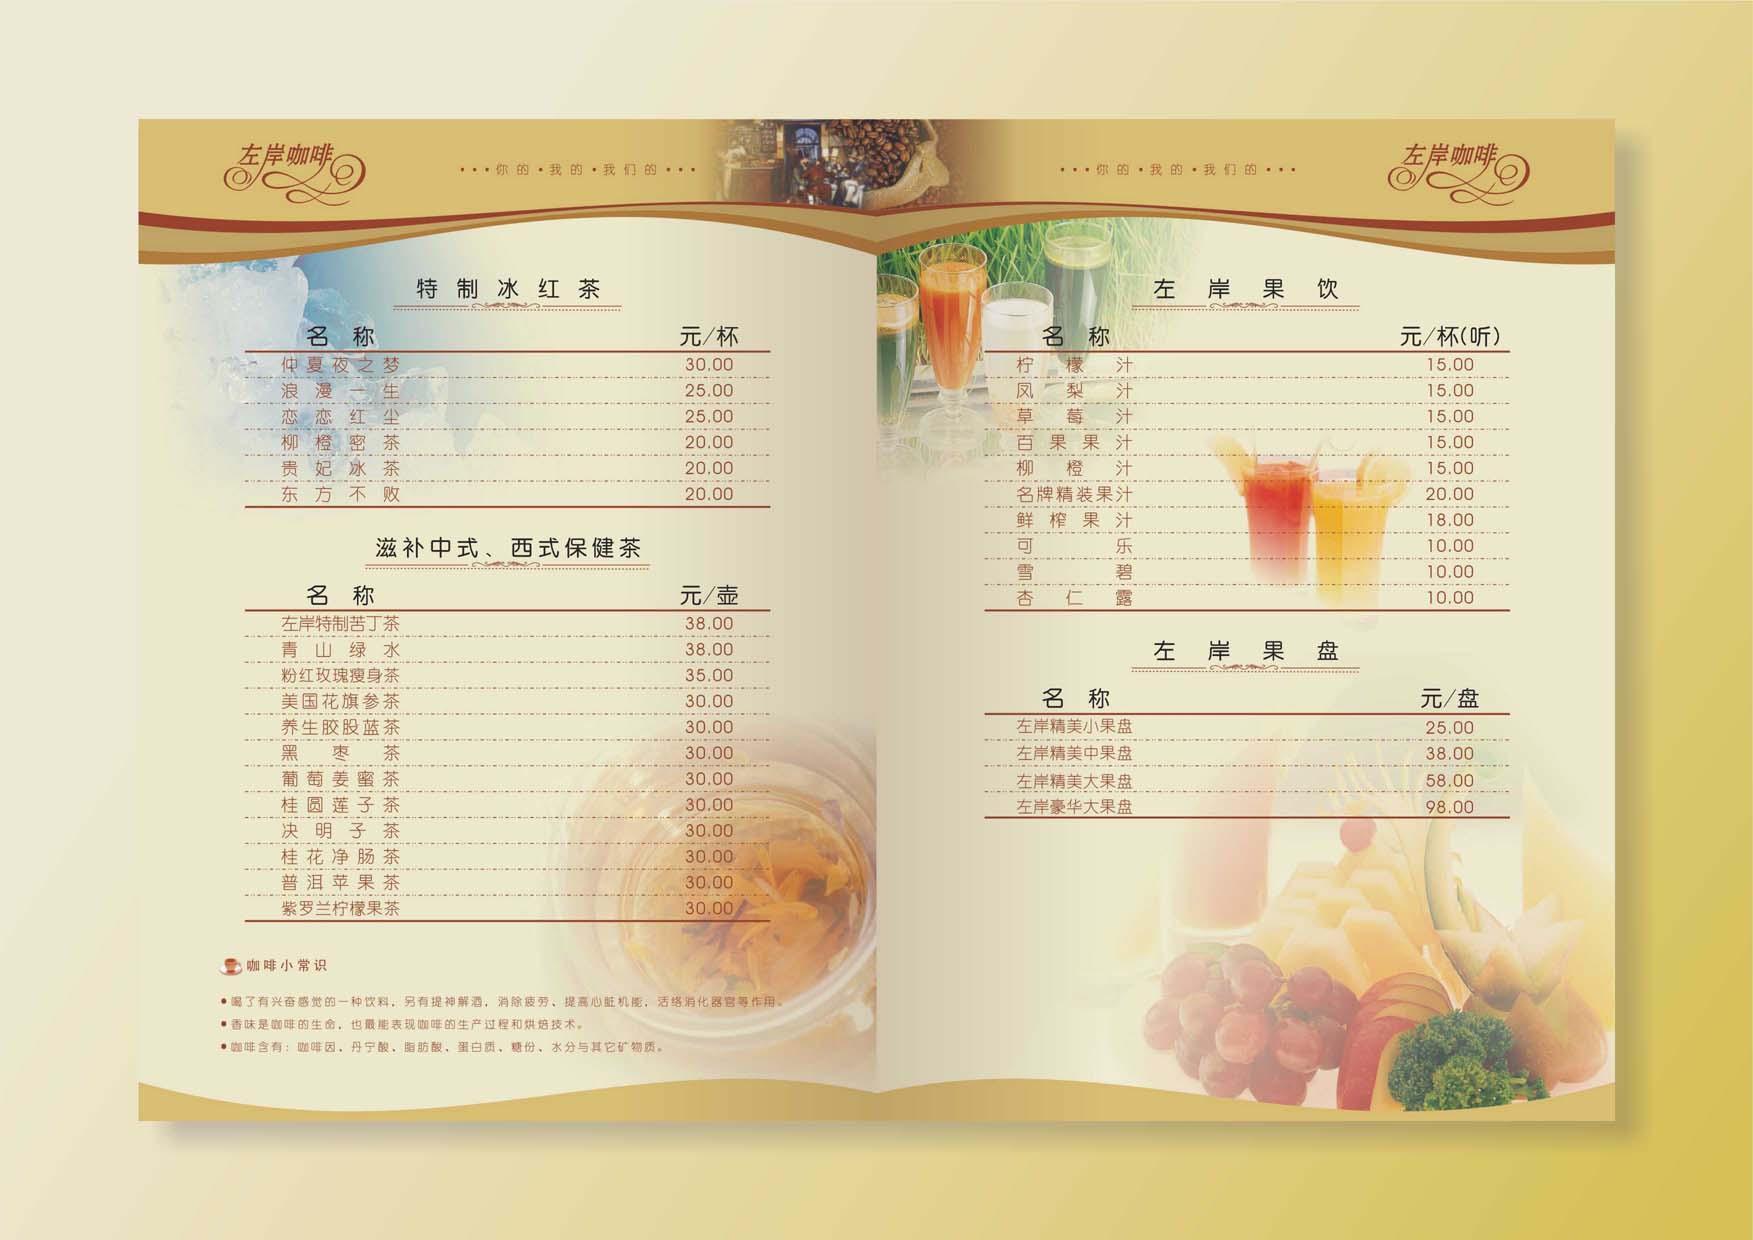 论坛首页 原创设计 平面 画册 03 左岸咖啡菜单